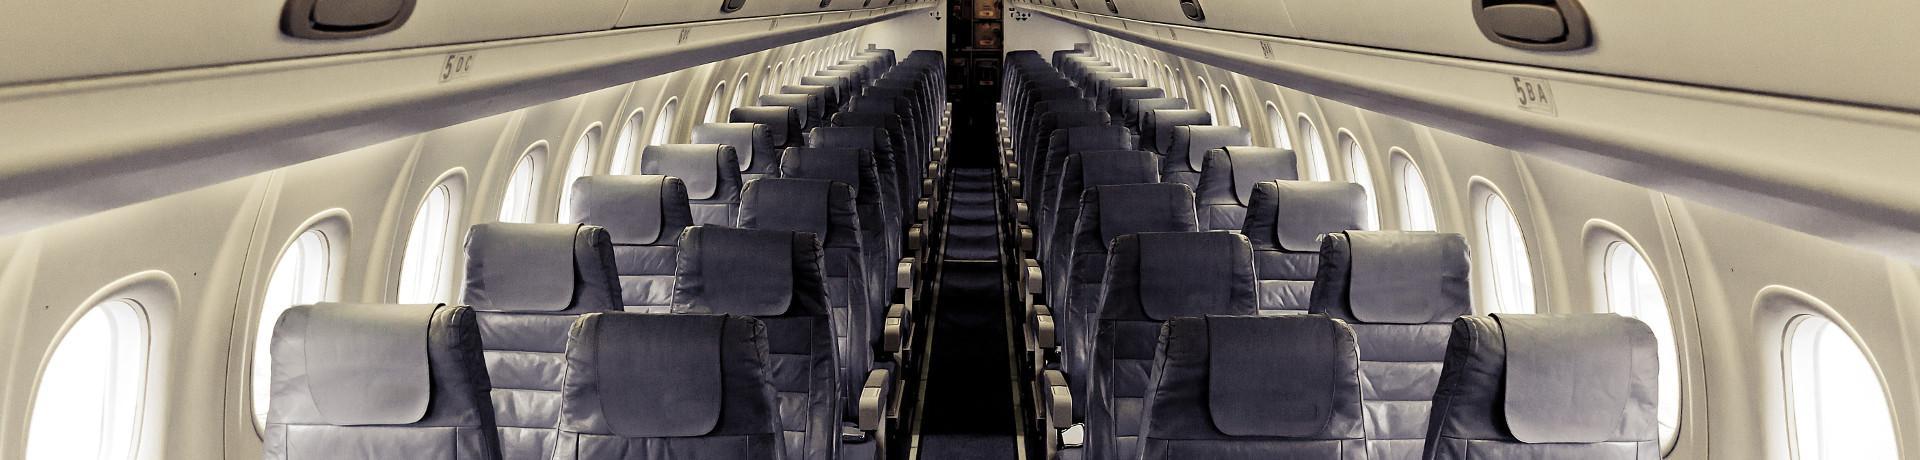 Flug Ratgeber: Beförderungsklasse